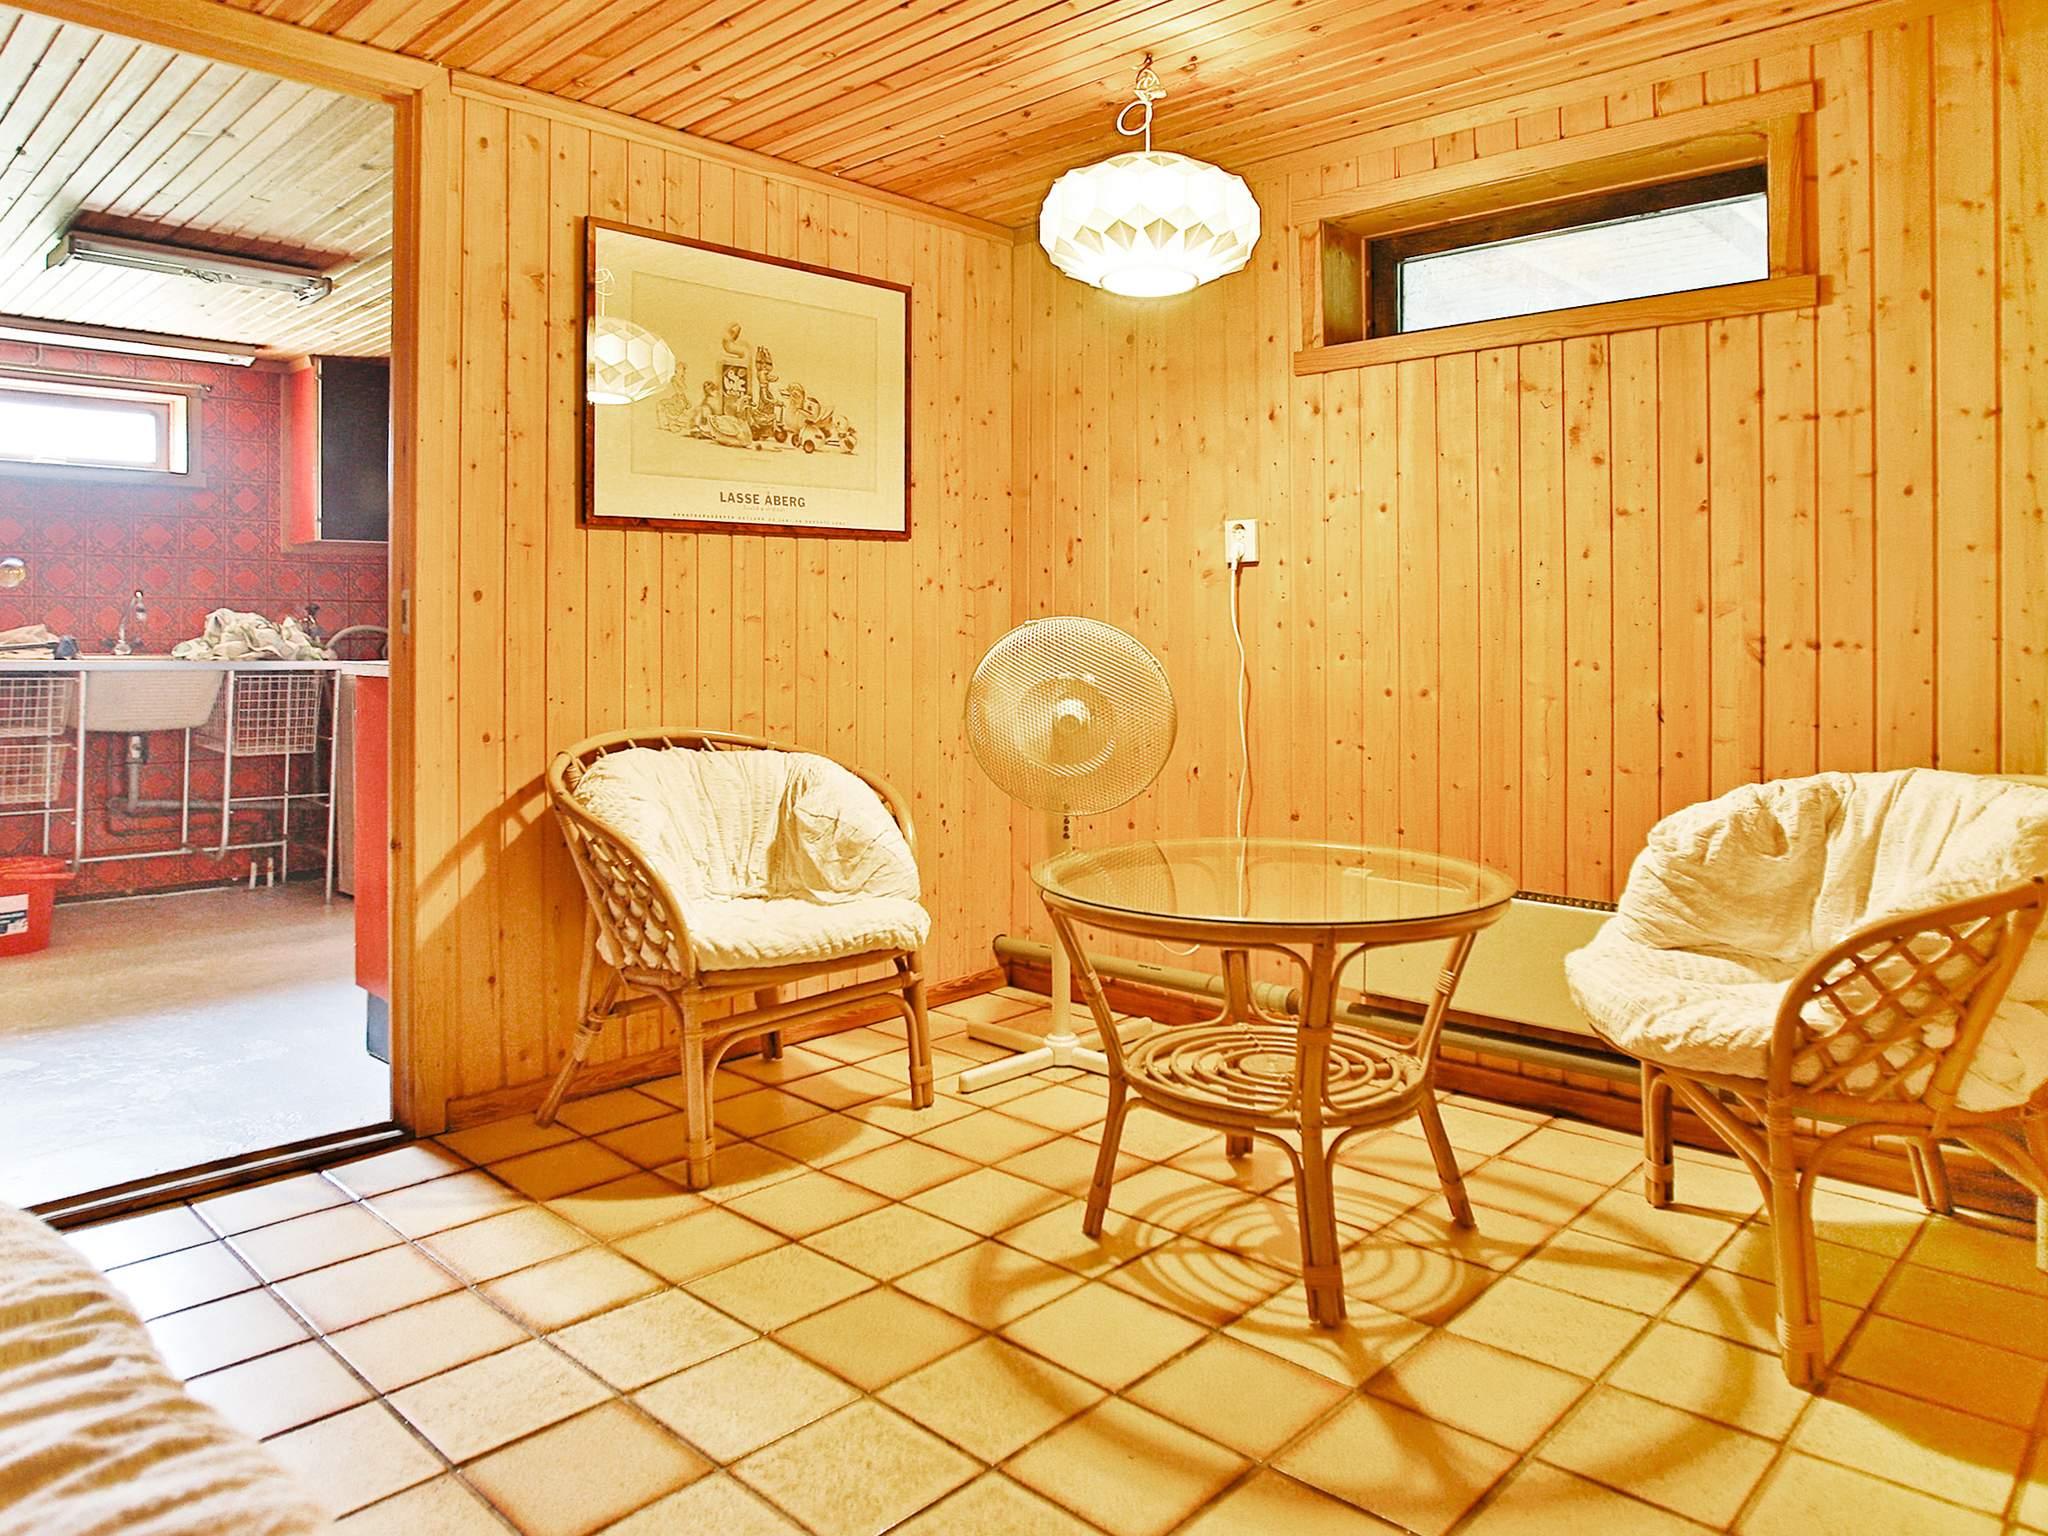 Ferienhaus Orust/Svanesund (672422), Orust, Västra Götaland län, Westschweden, Schweden, Bild 9